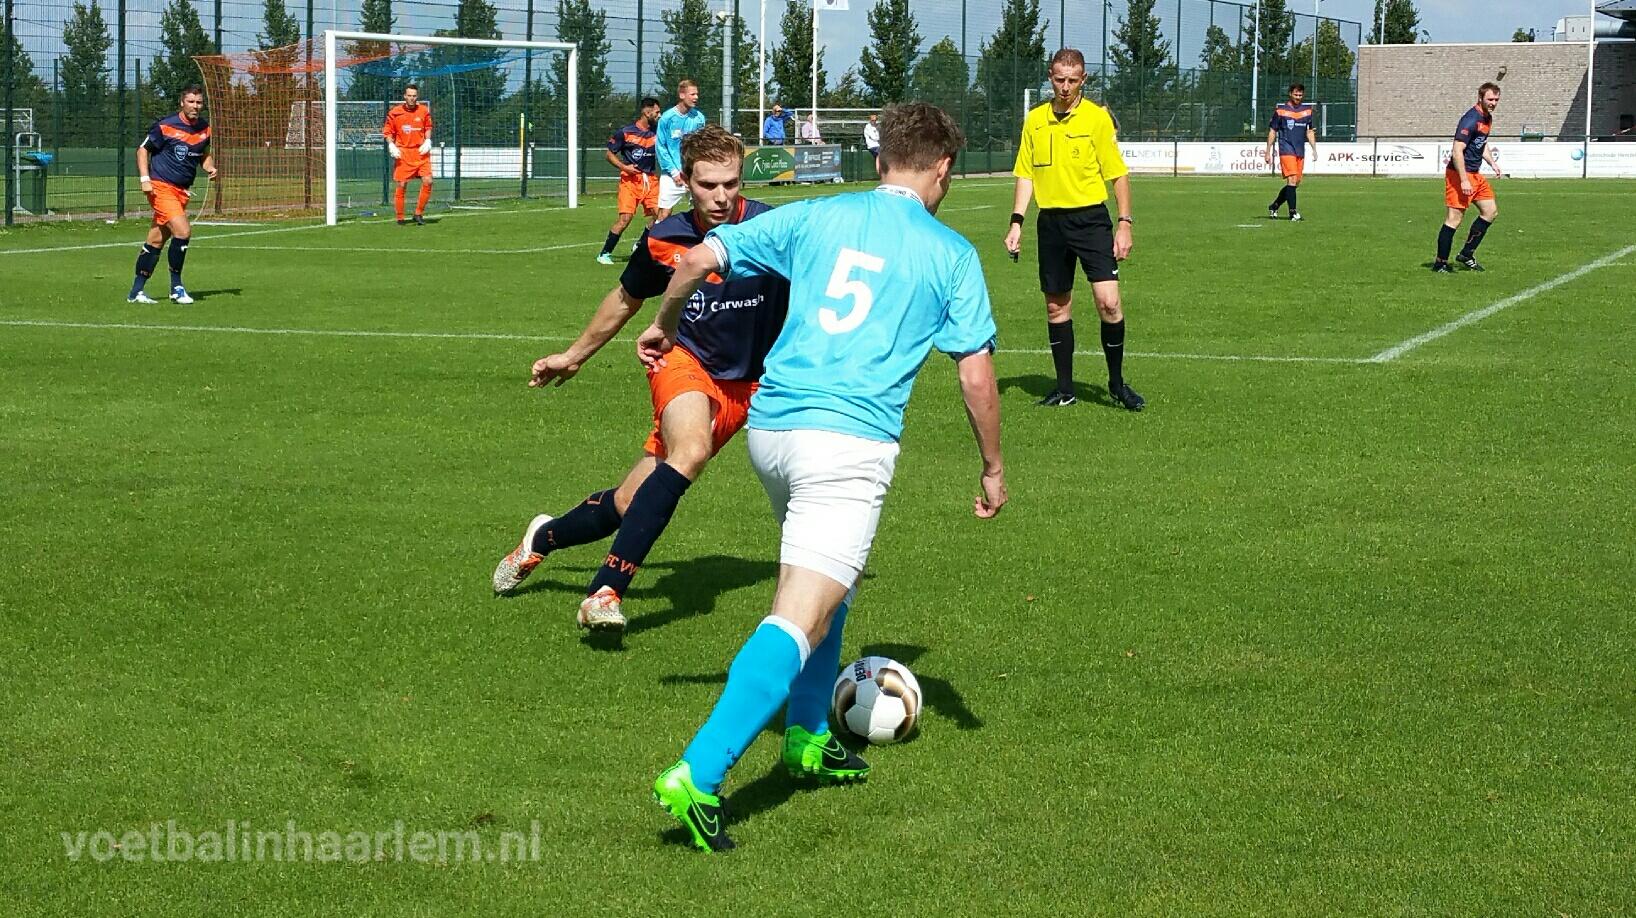 VVC UNO - Voetbal in Haarlem